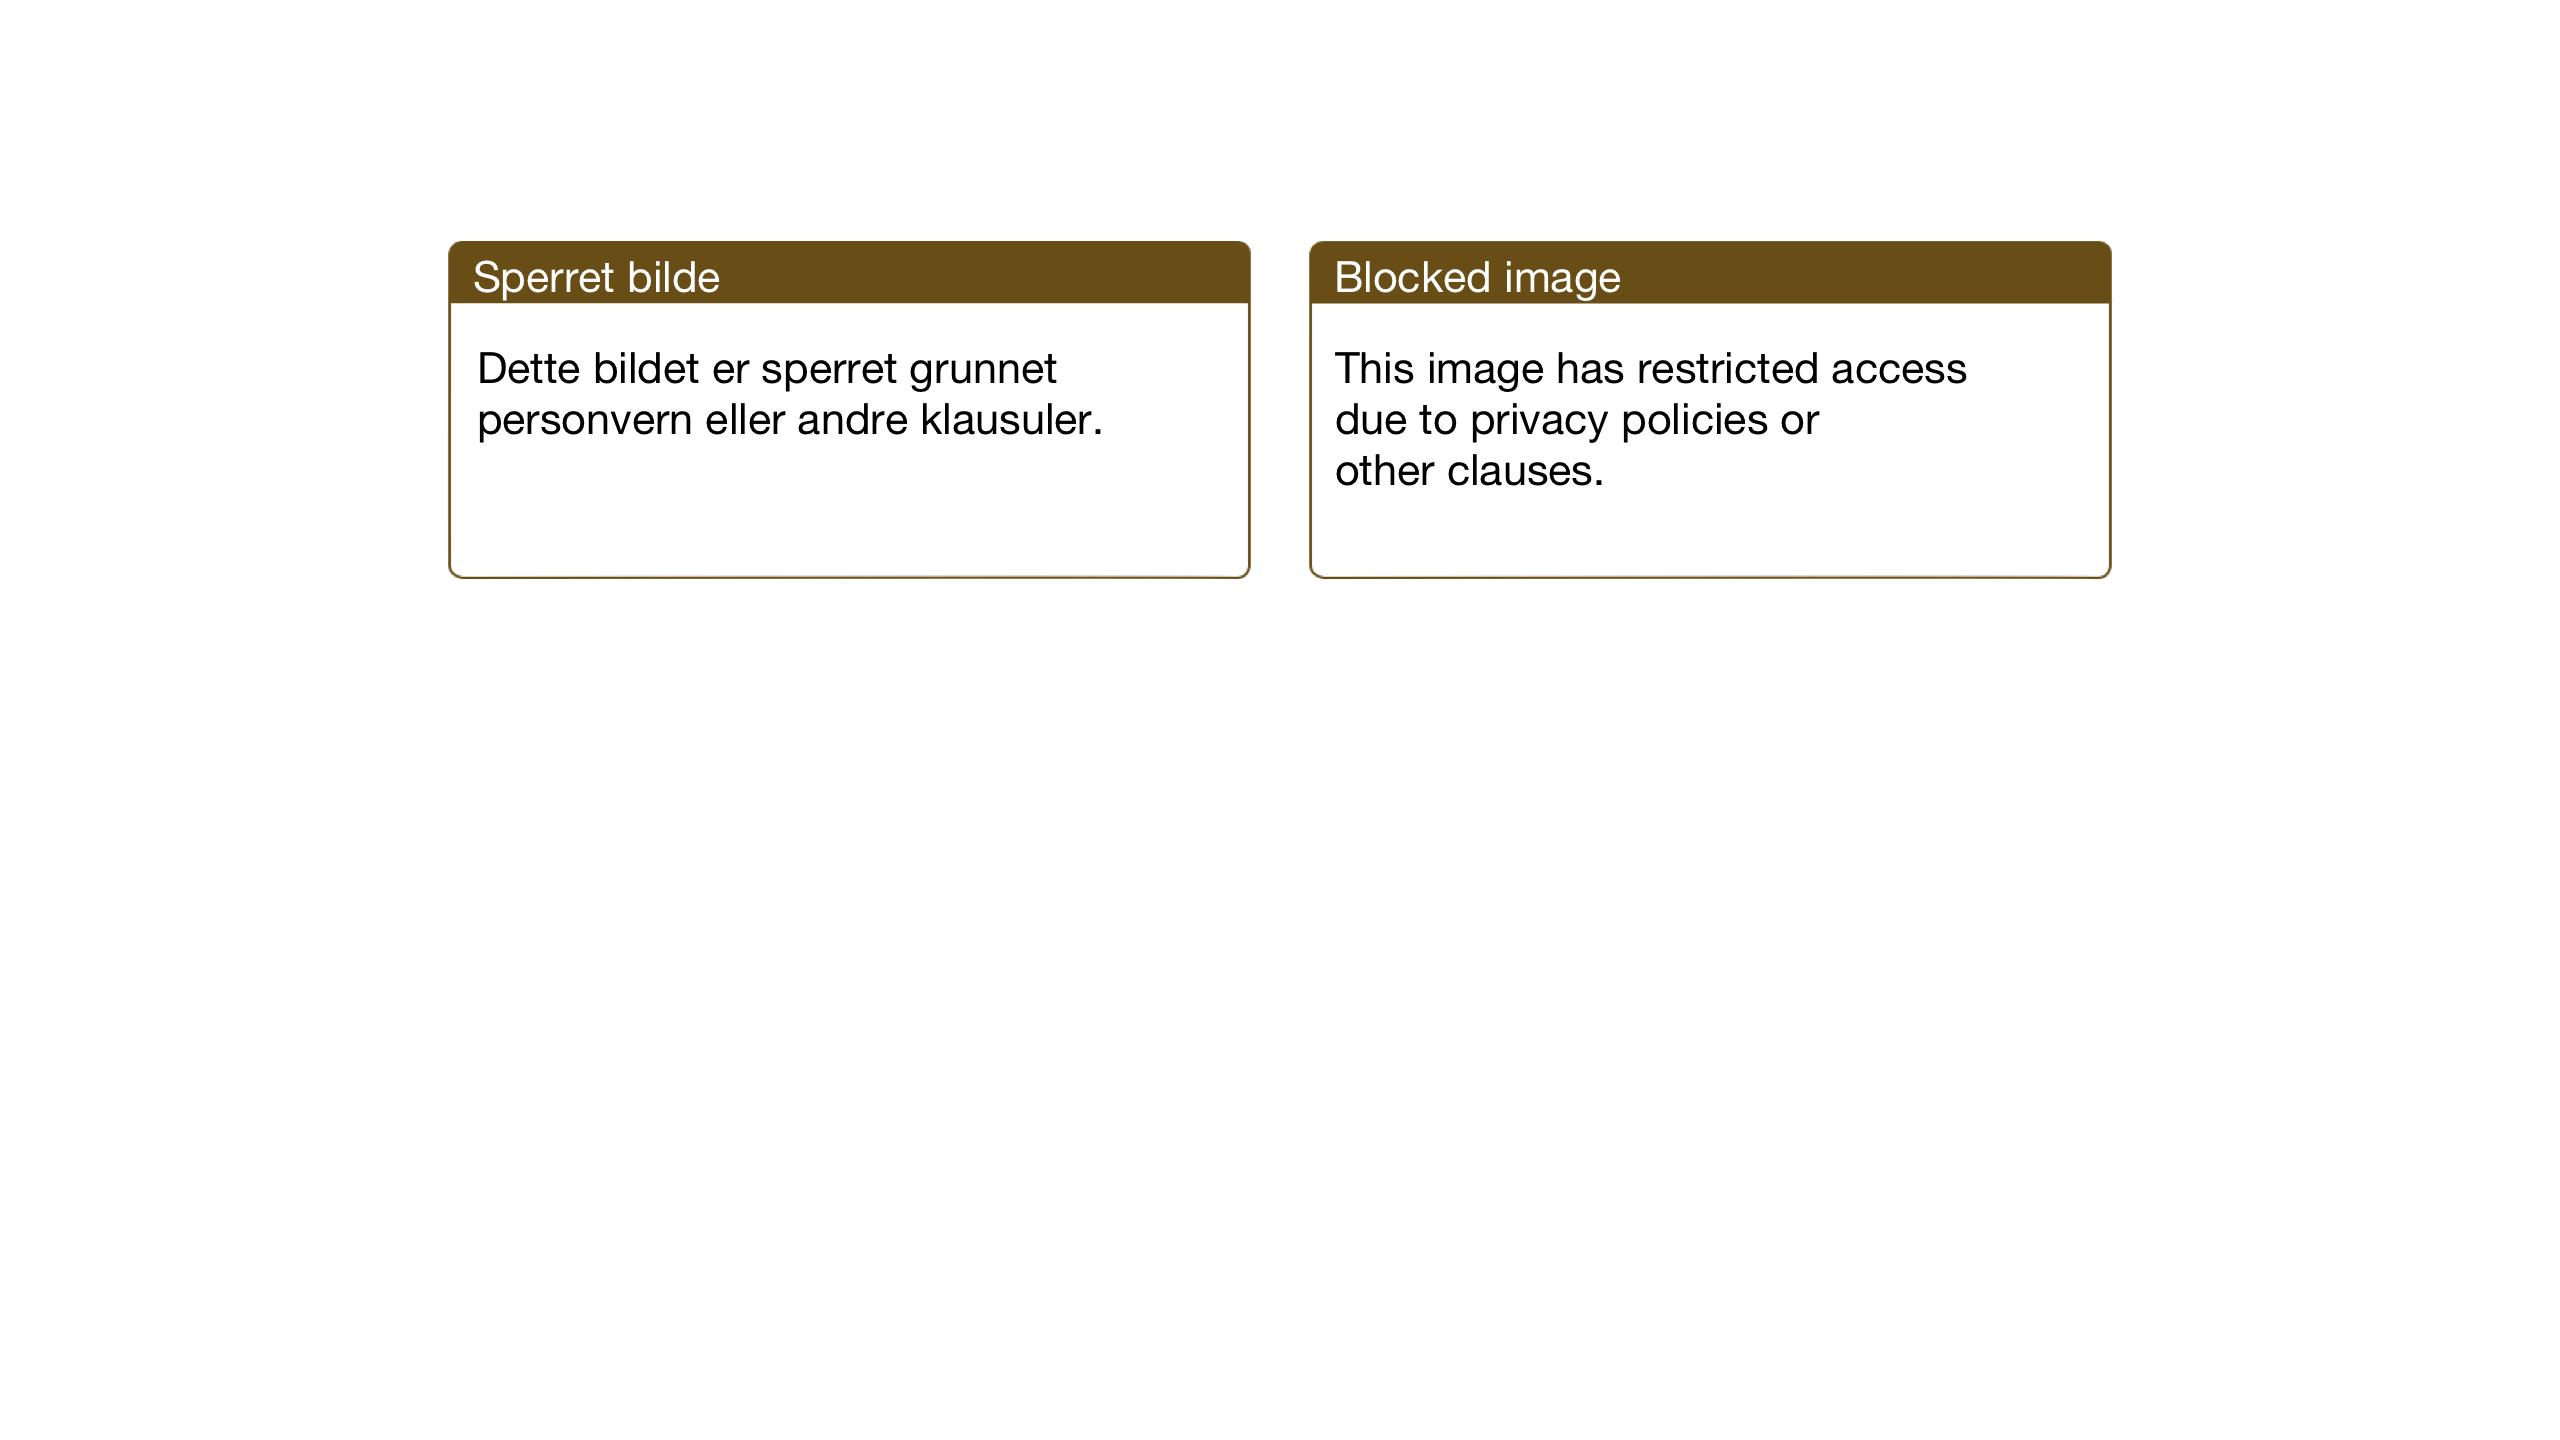 SAT, Ministerialprotokoller, klokkerbøker og fødselsregistre - Sør-Trøndelag, 682/L0947: Klokkerbok nr. 682C01, 1926-1968, s. 121